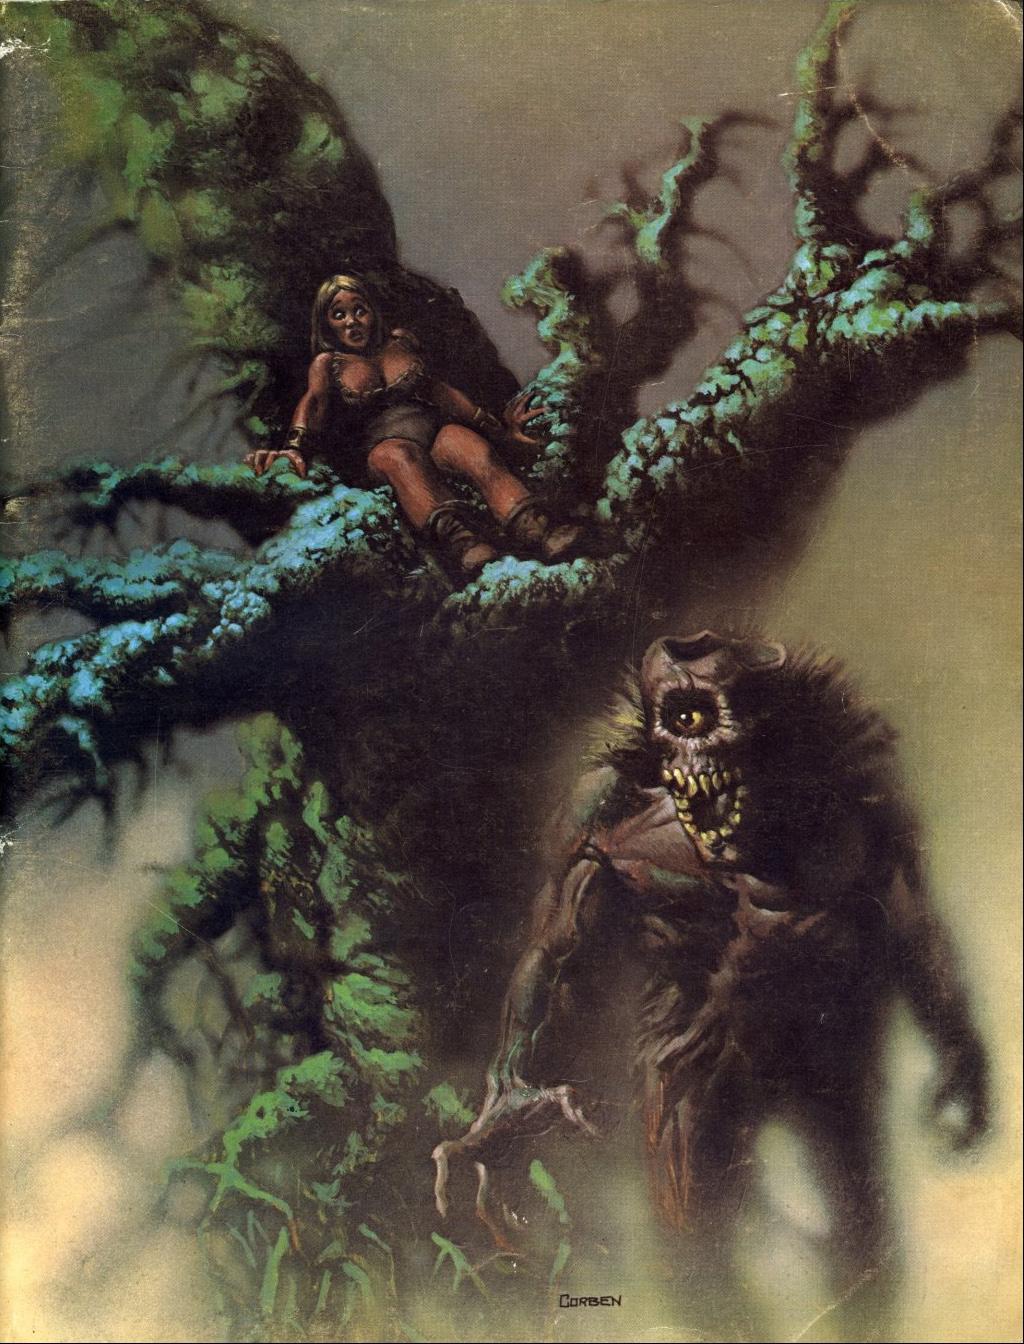 Richard Corben - Eerie Magazine Illustration, 1971